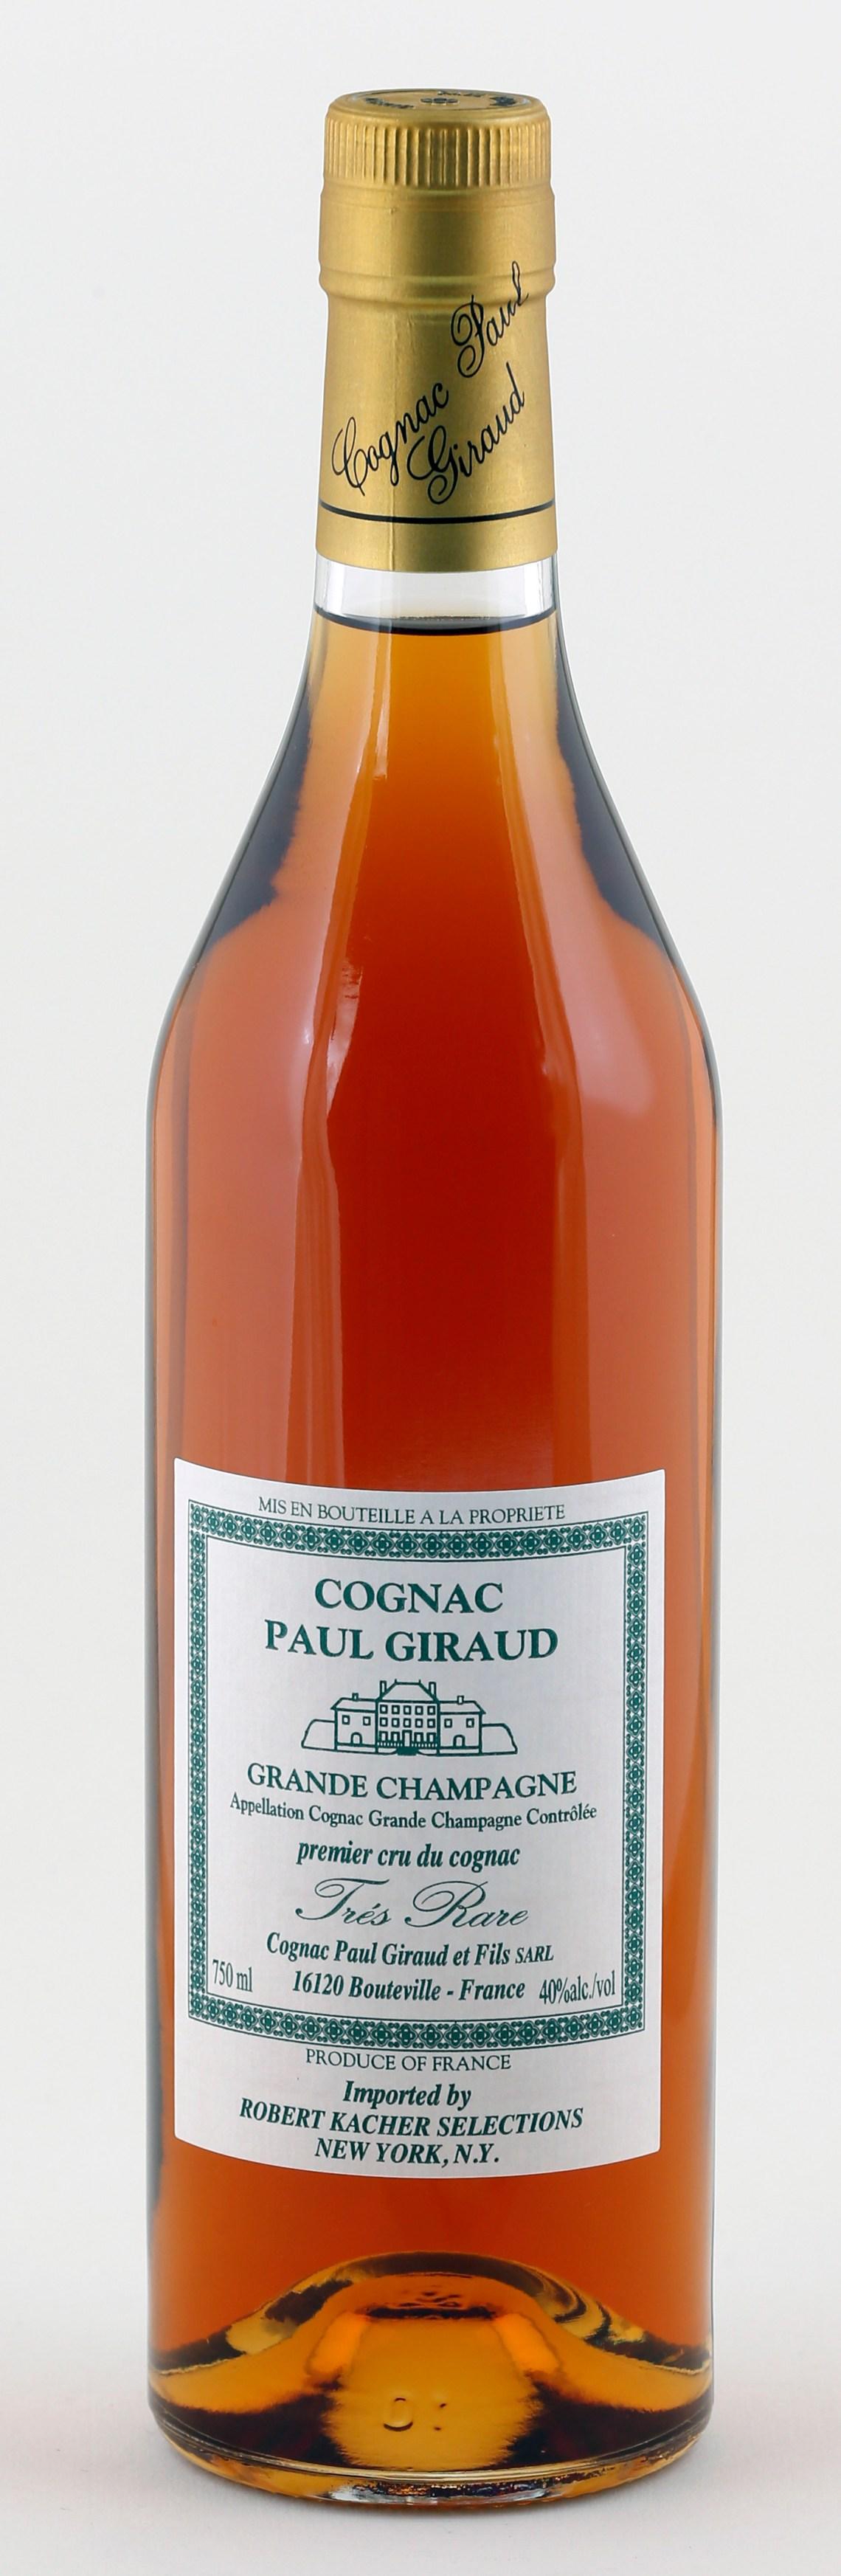 Cognac Paul Giraud Grande Champagne Tres Rare